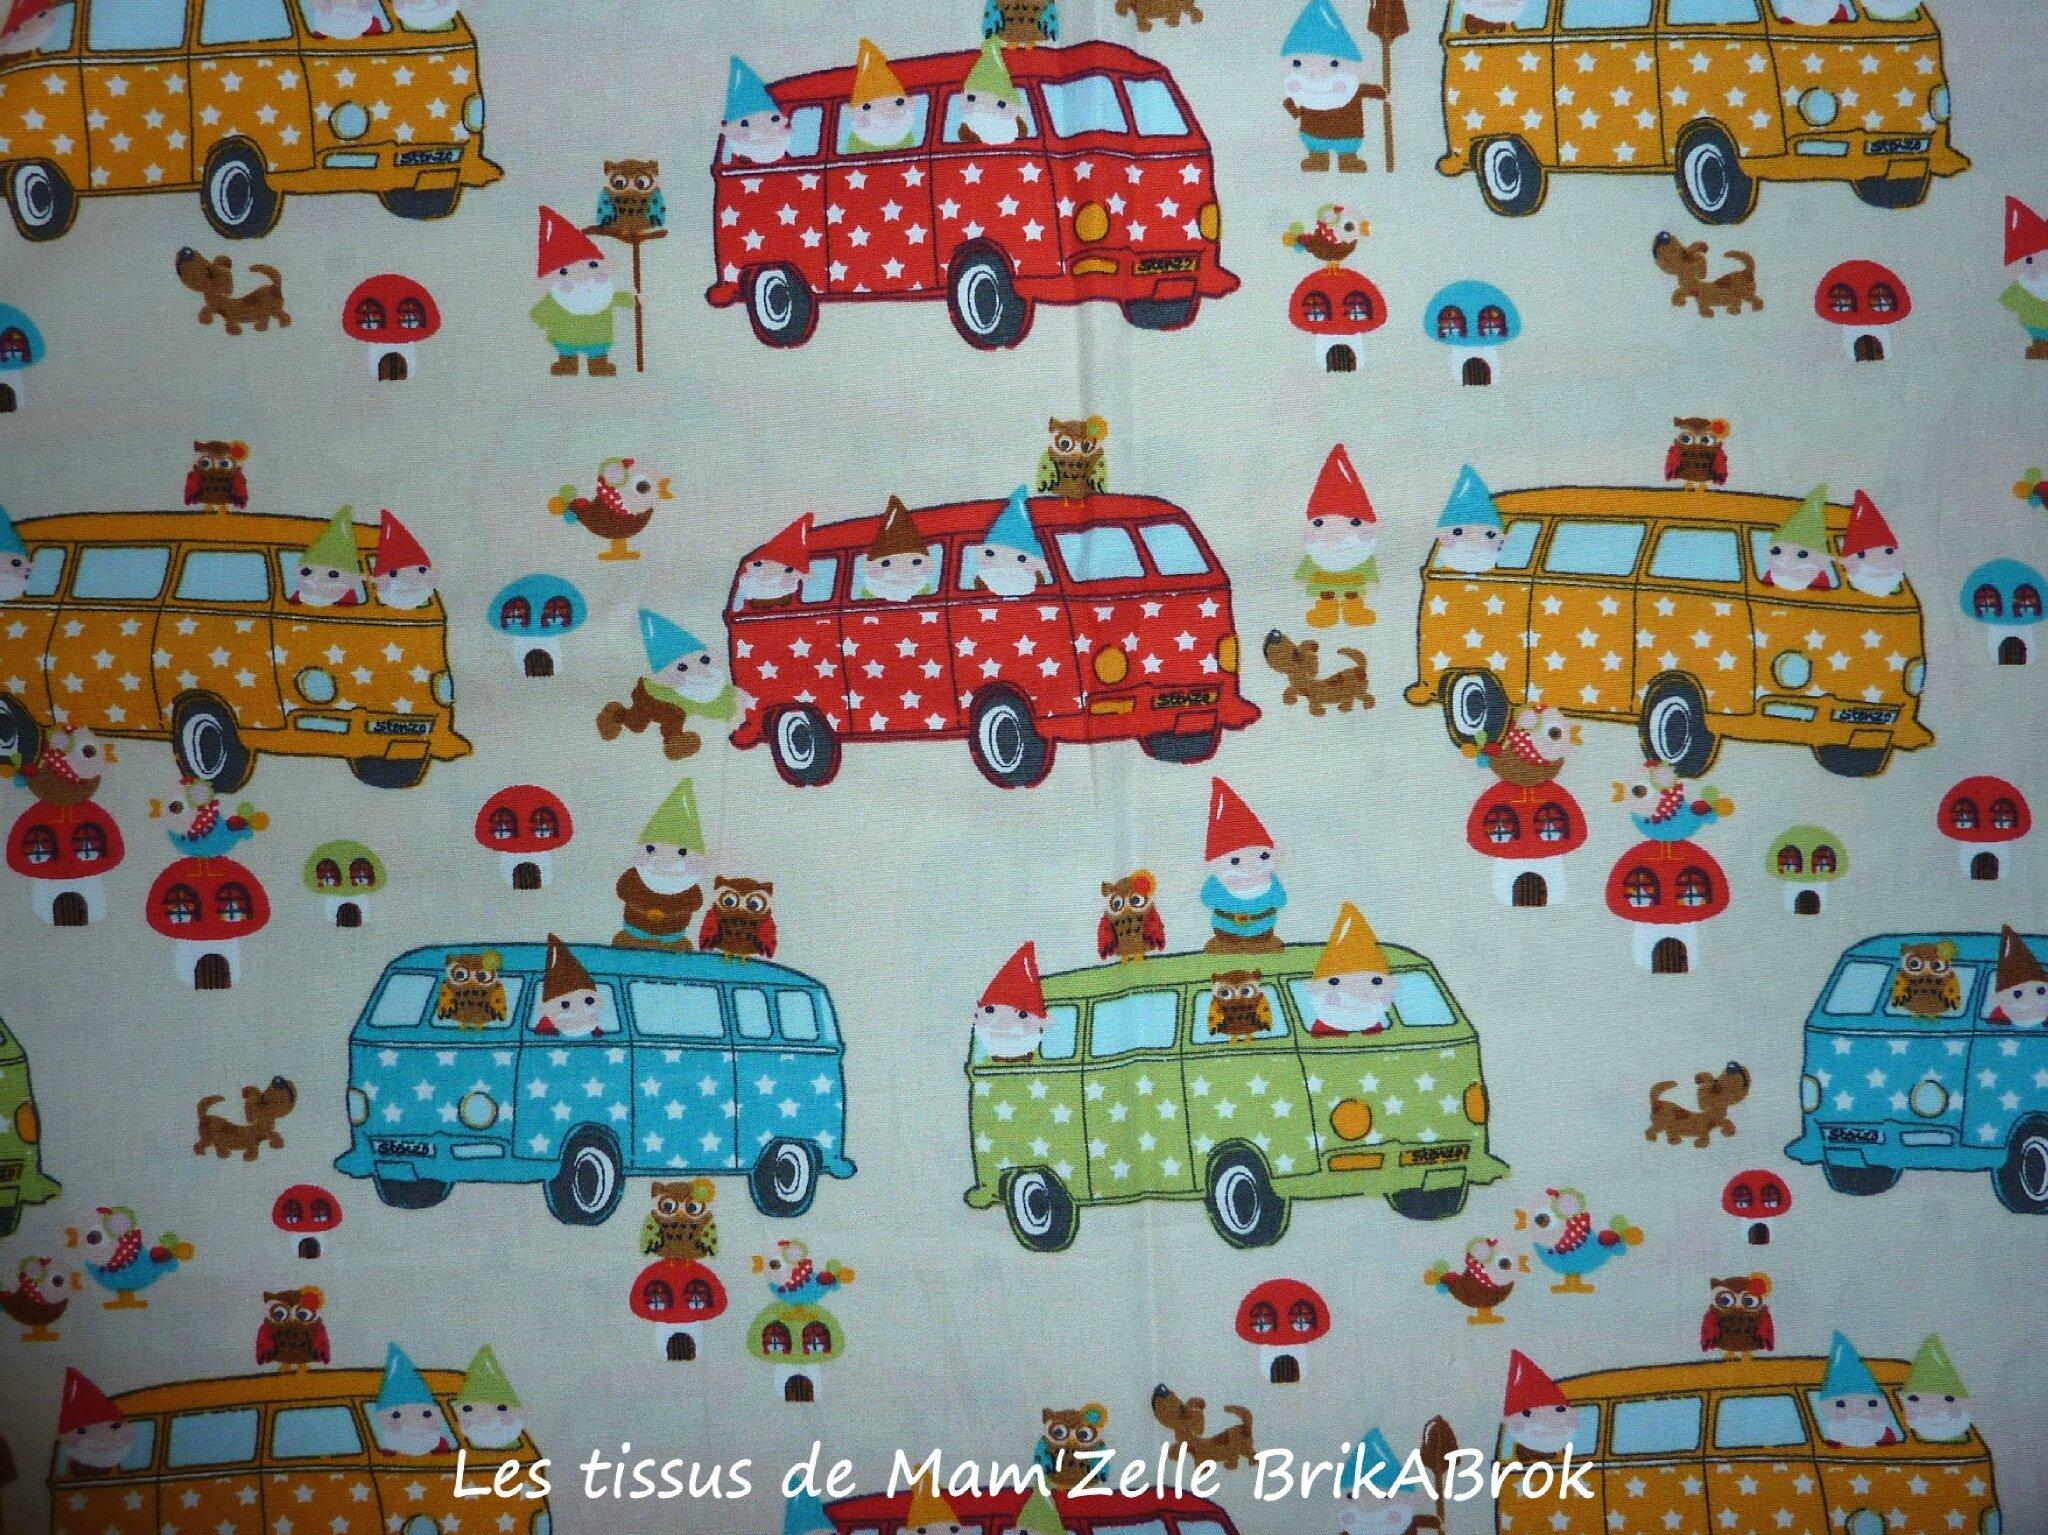 363 - Les nains en minibus Fond écru